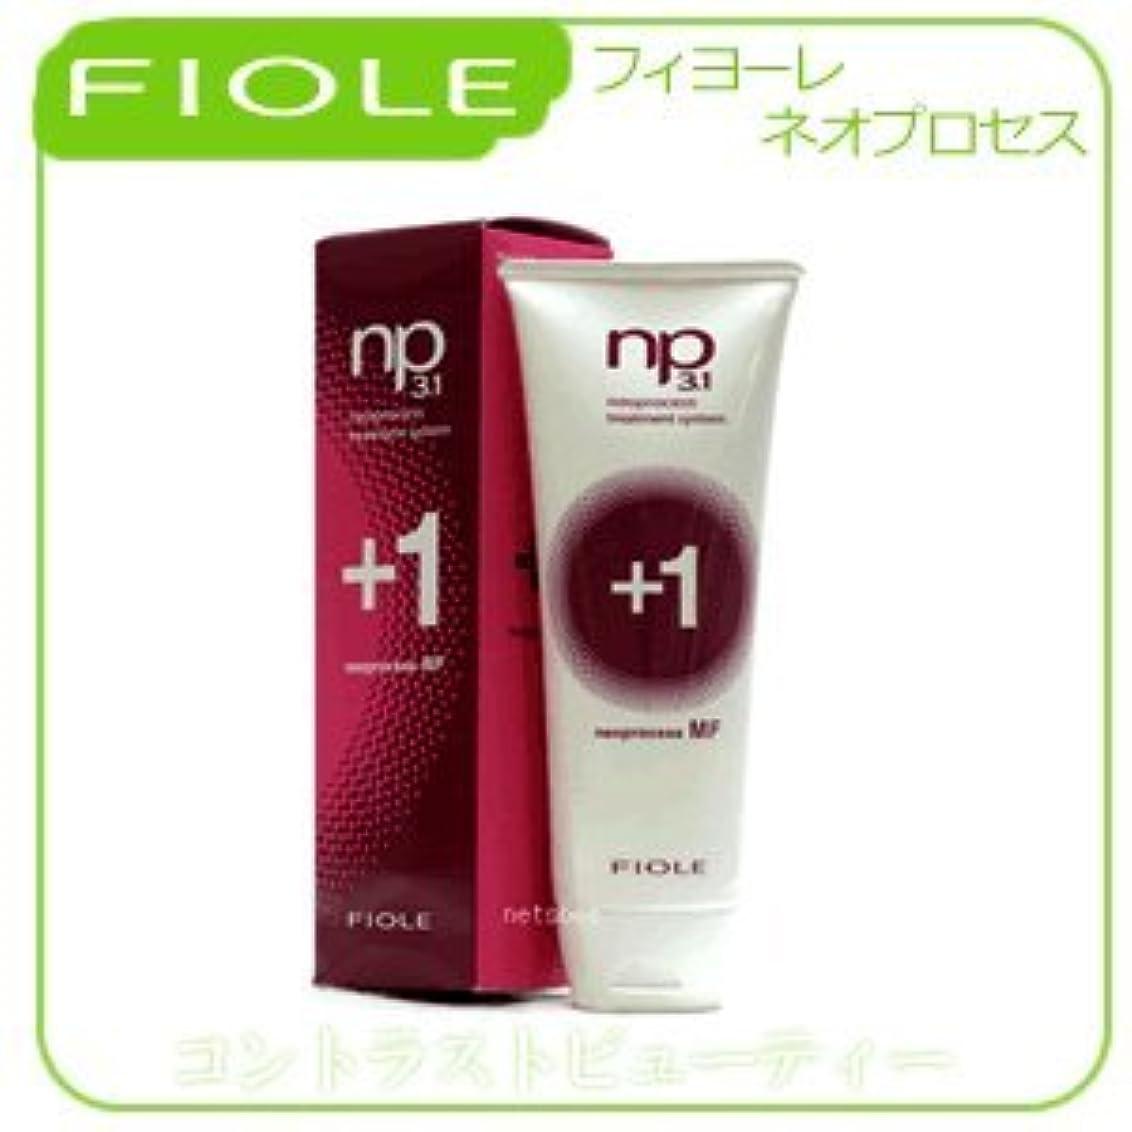 美容師同一の全能【x5個セット】 フィヨーレ NP3.1 ネオプロセス MFプラス1 240g ネオプロセス